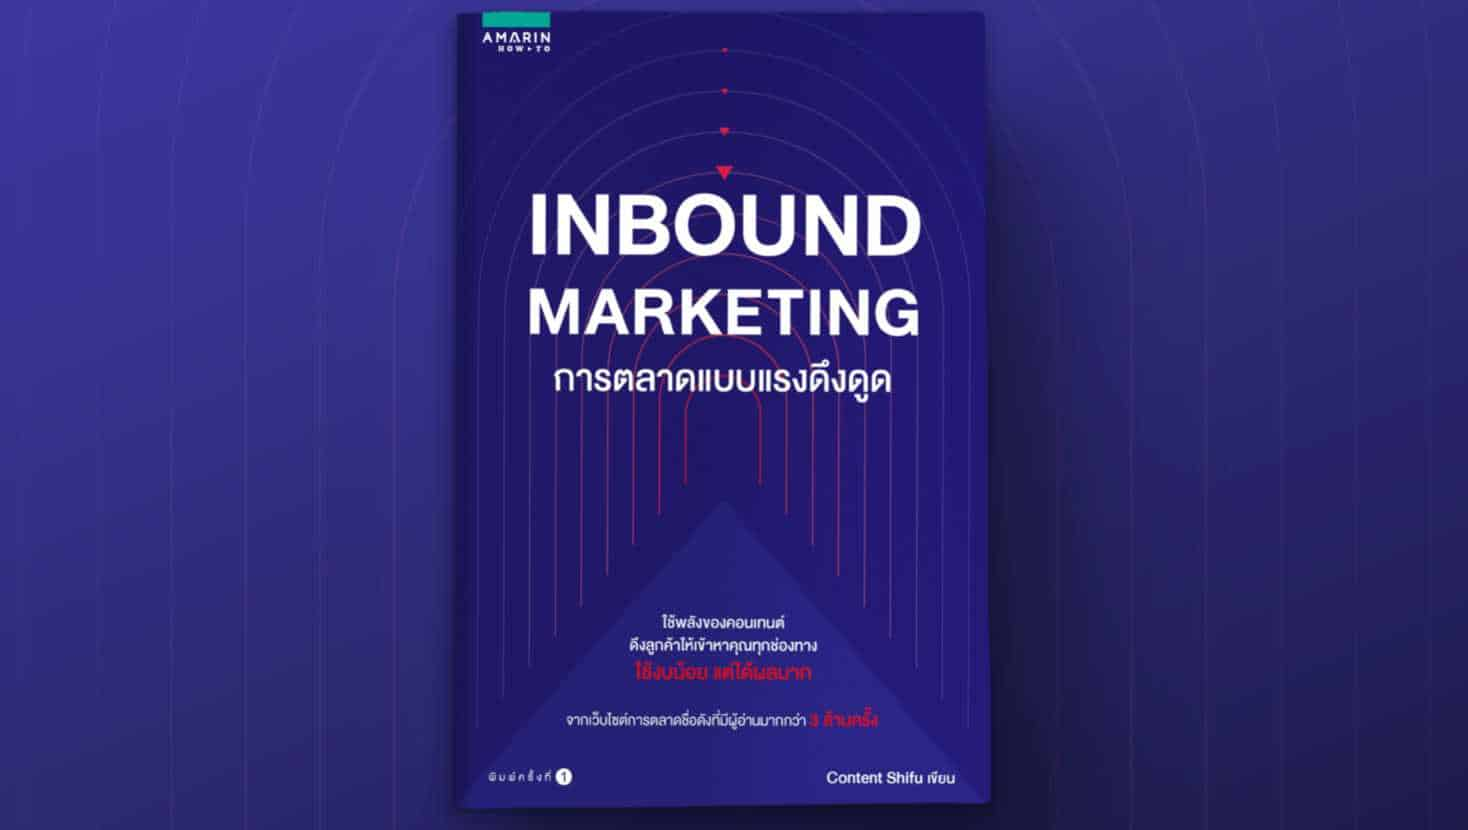 รู้จักกับหนังสือ Inbound Marketing: การตลาดแบบแรงดึงดูด